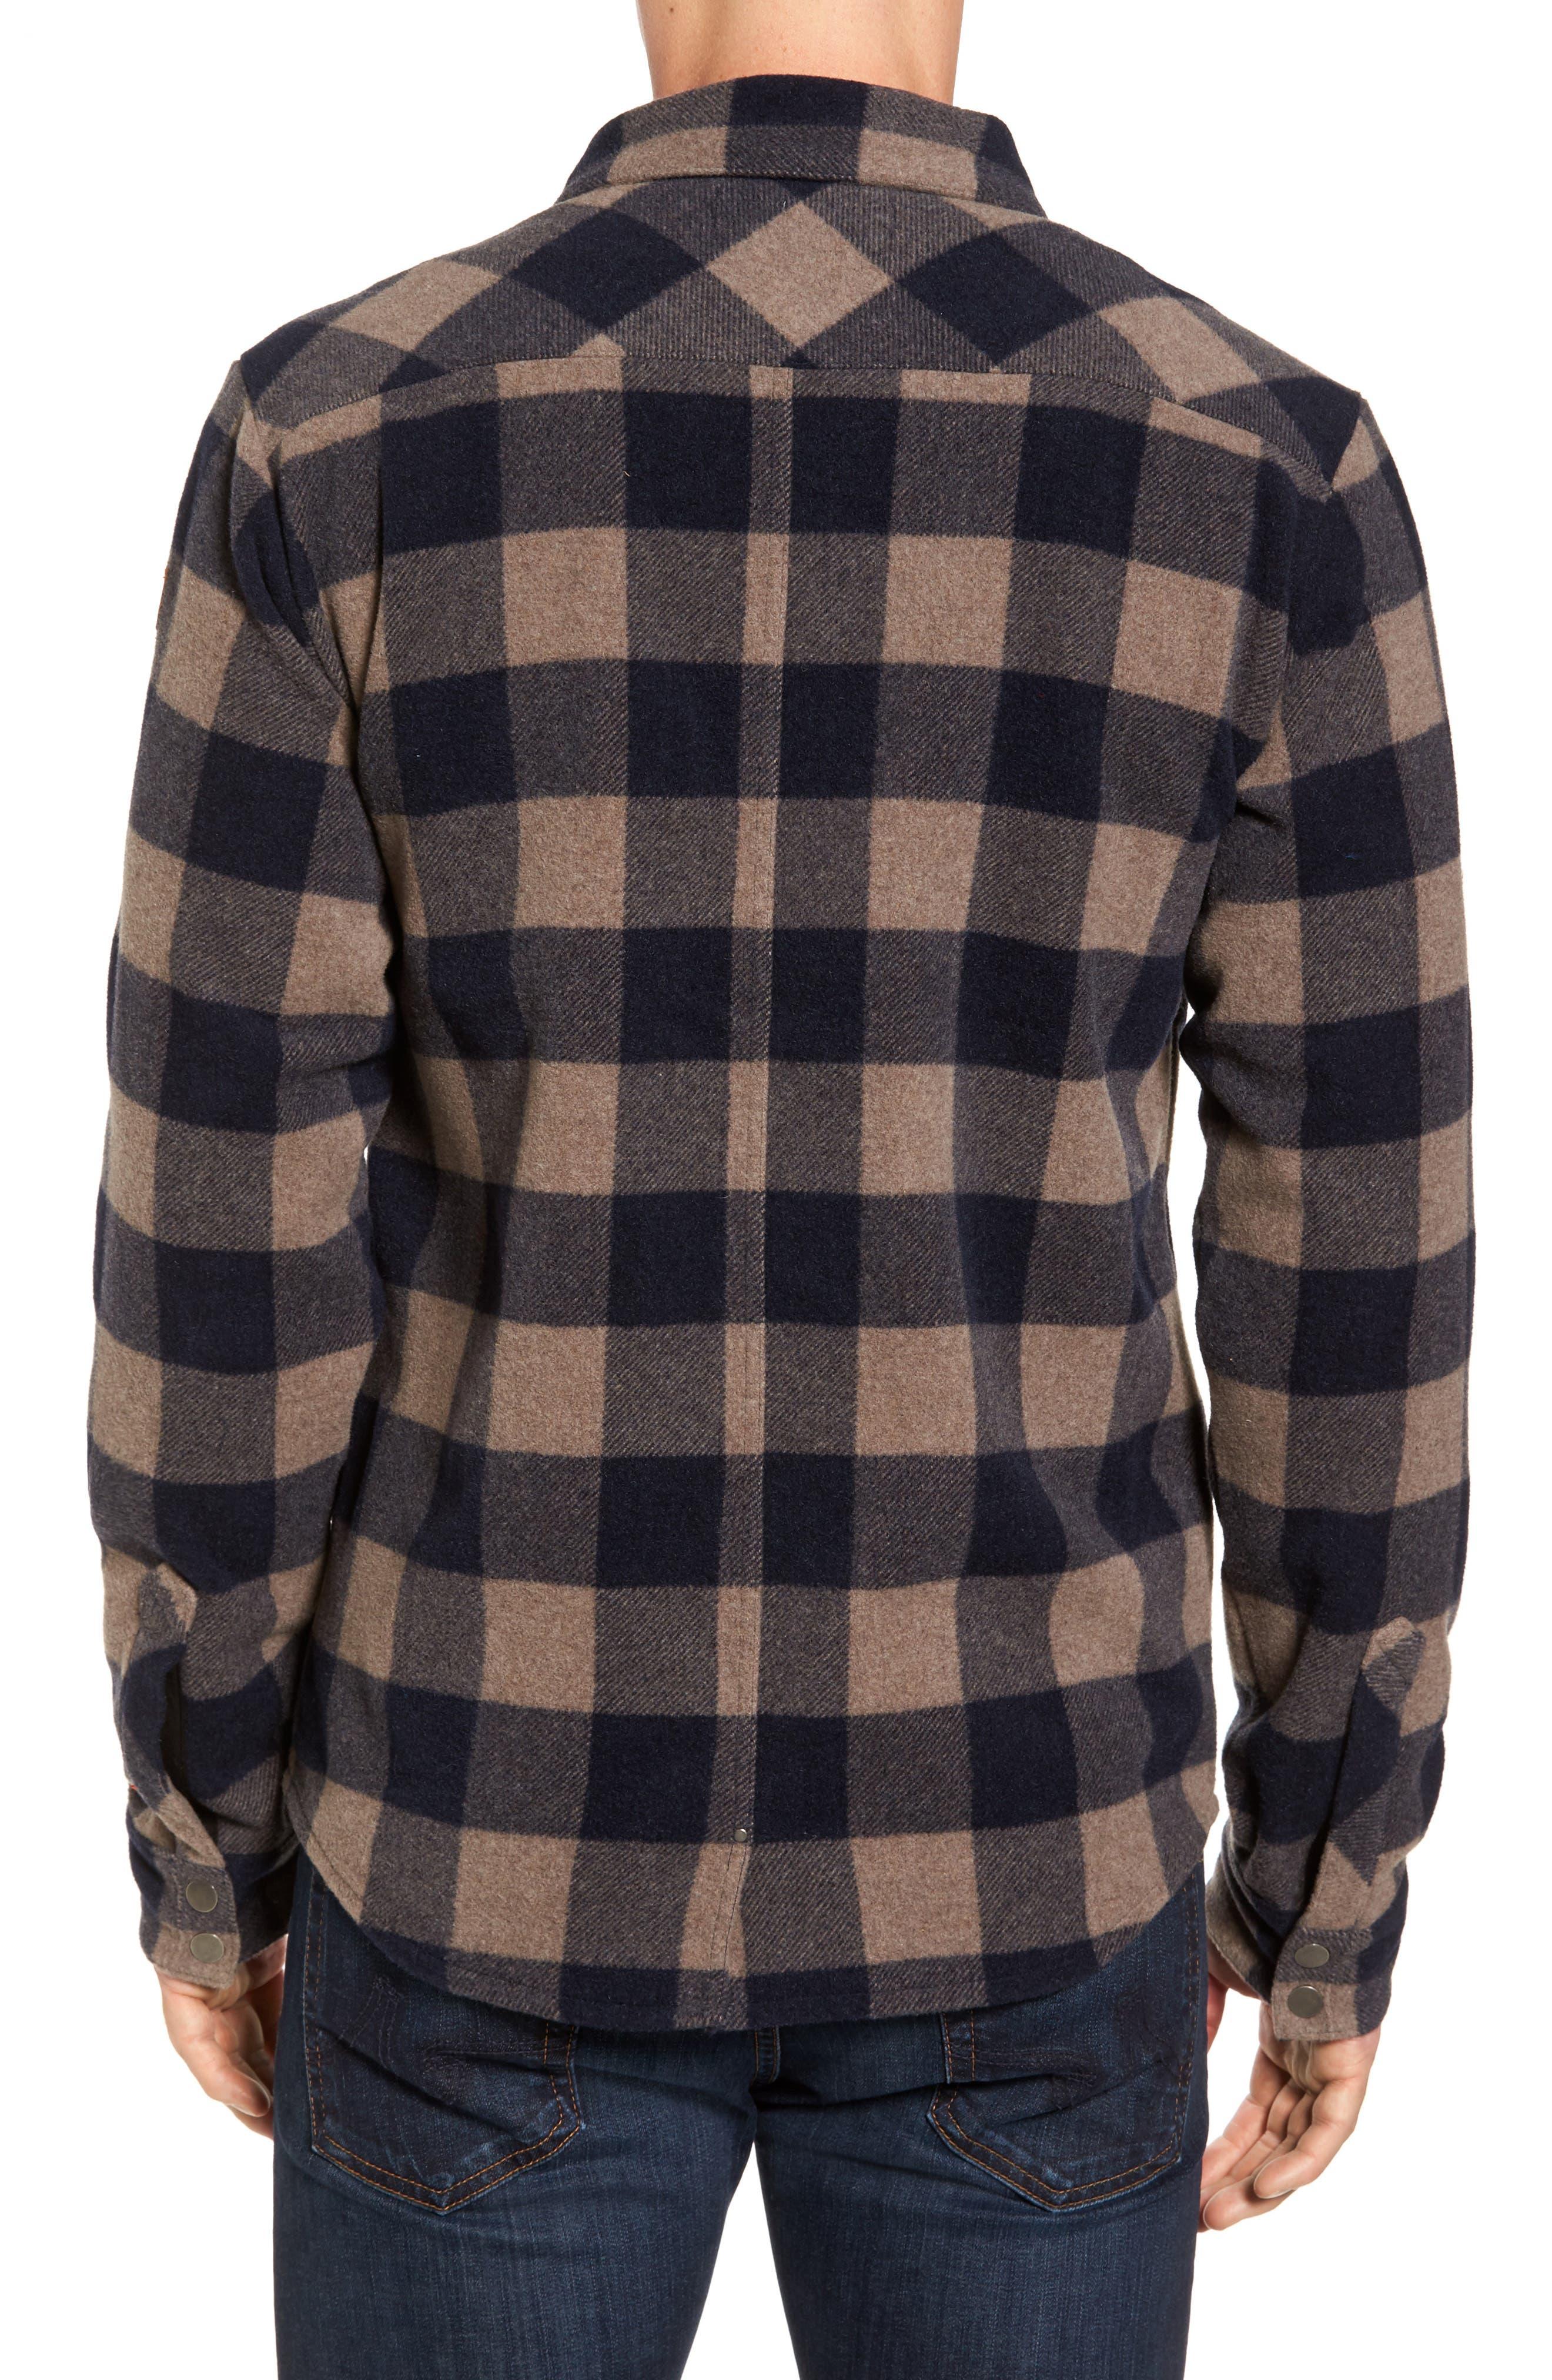 Alternate Image 2  - SmartWool Anchor Line Flannel Shirt Jacket